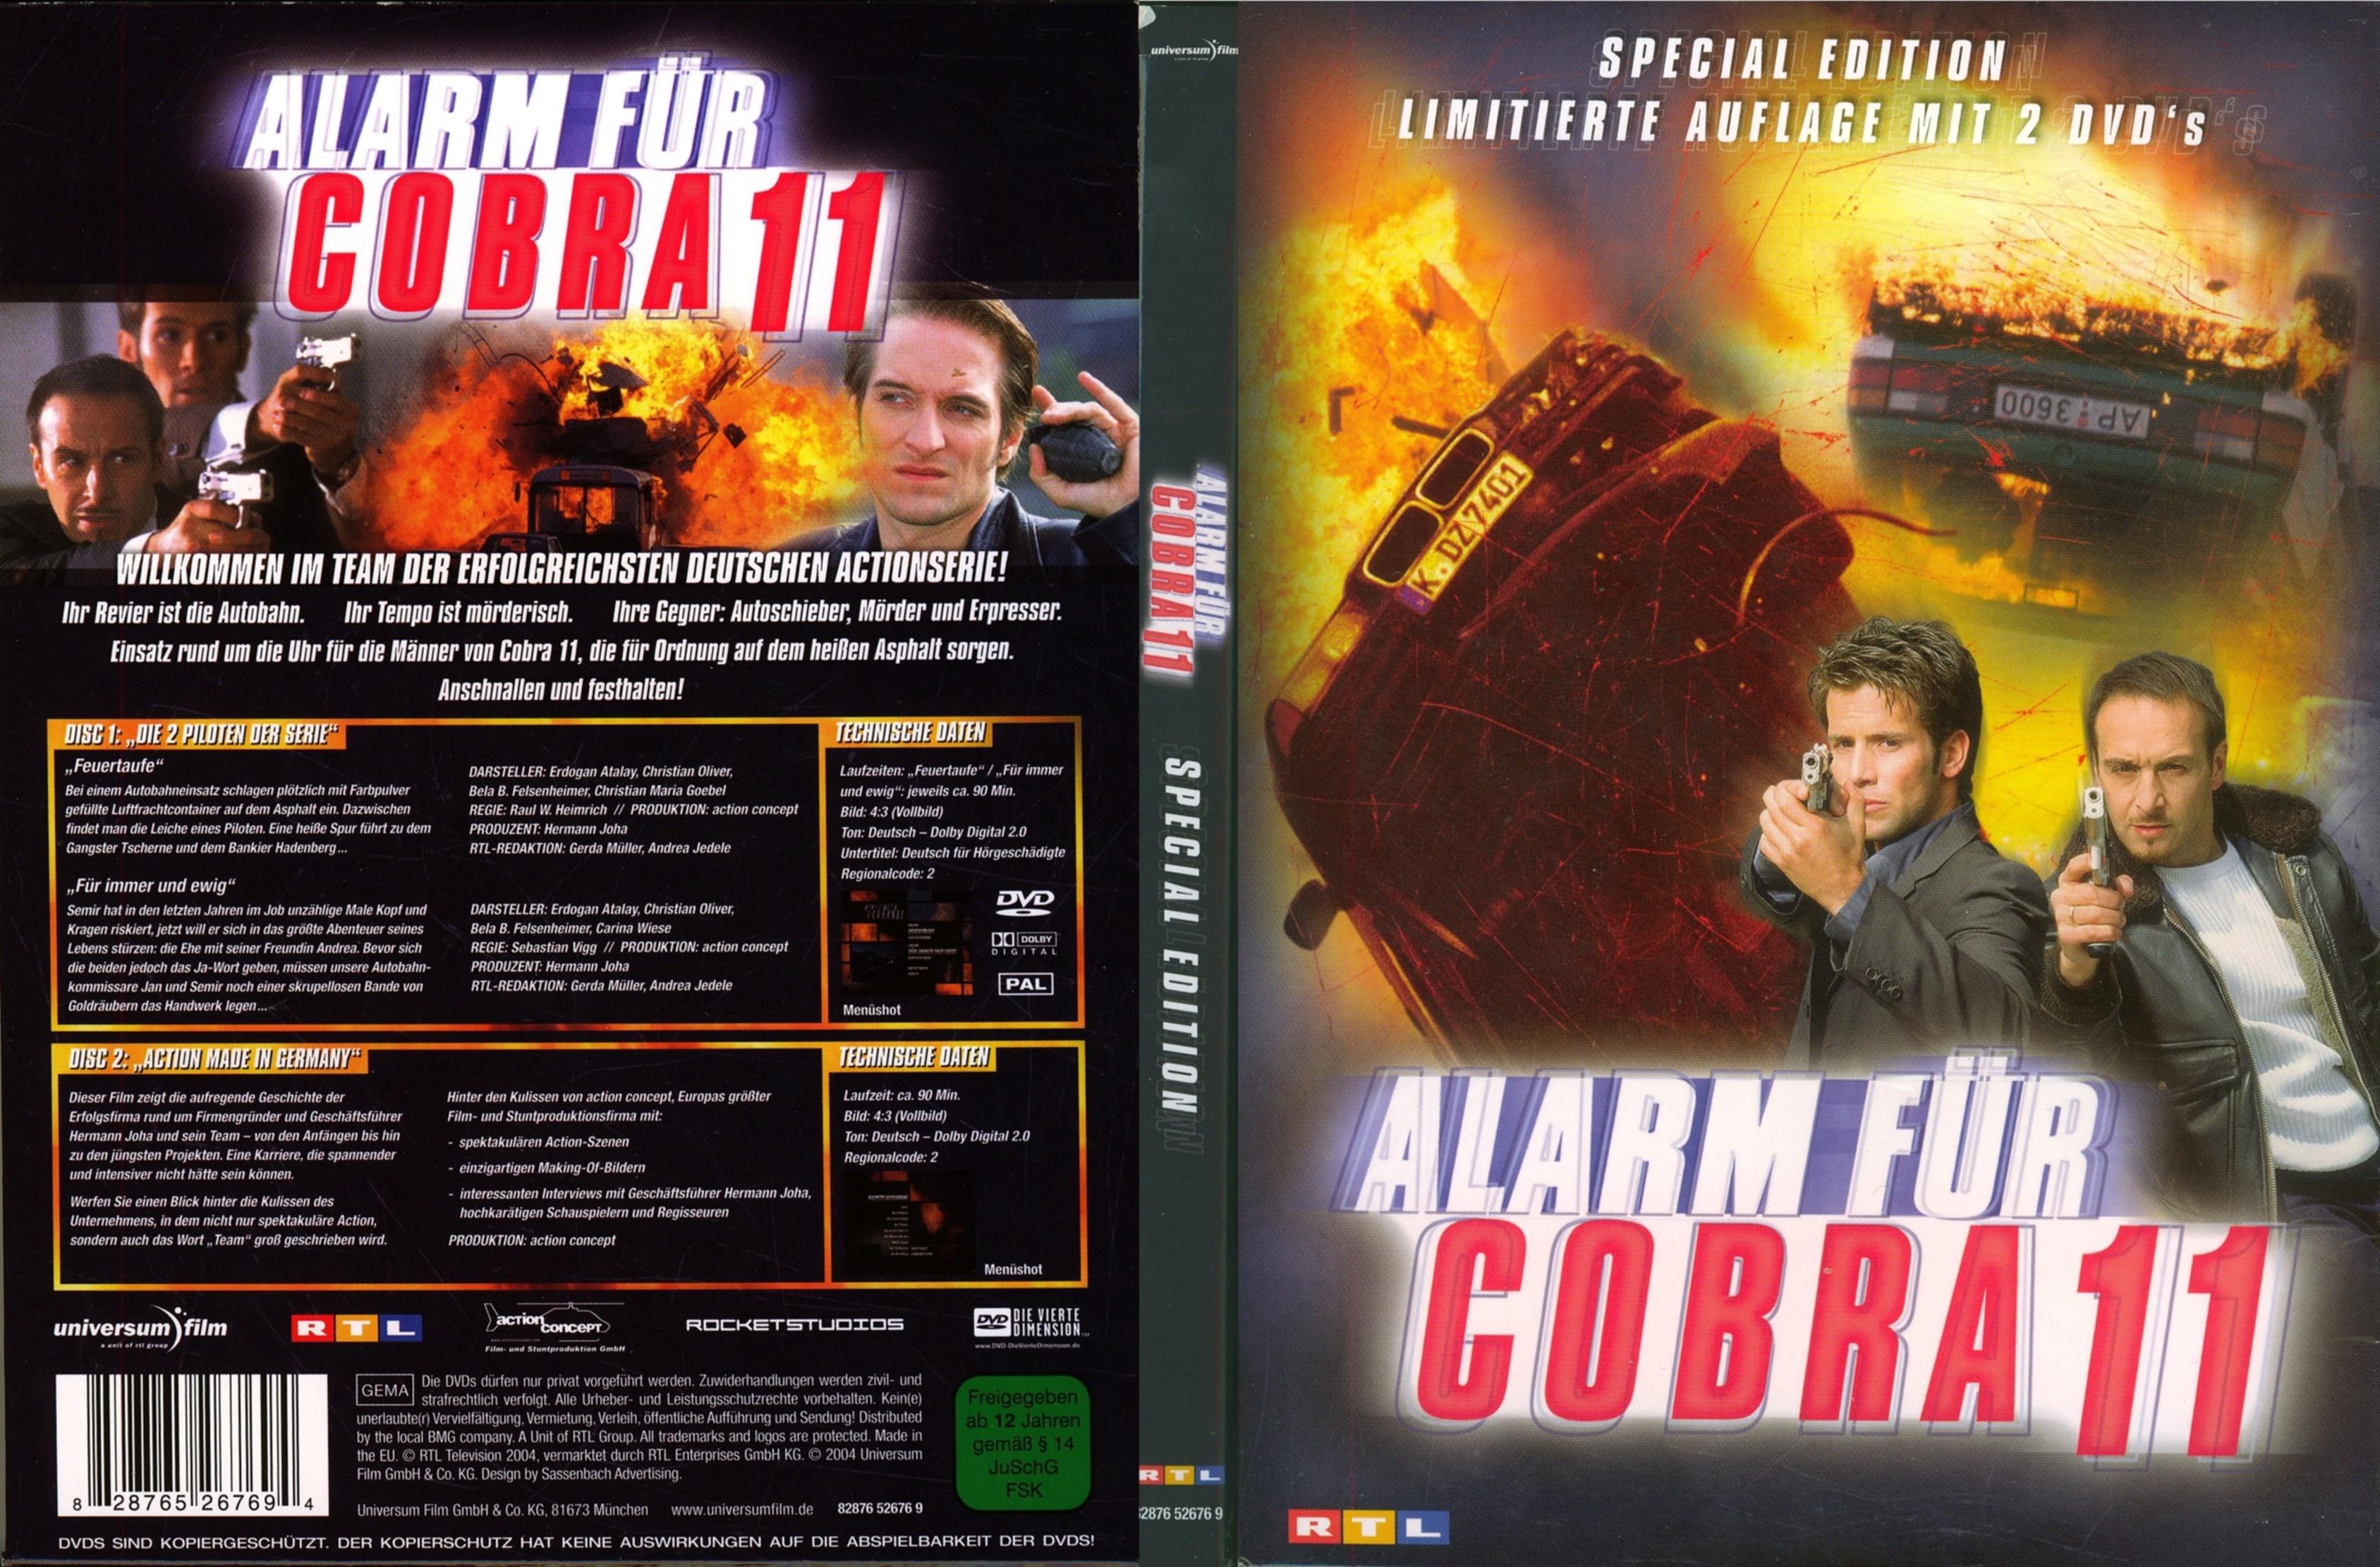 alarm for cobra 11 nitro download full version